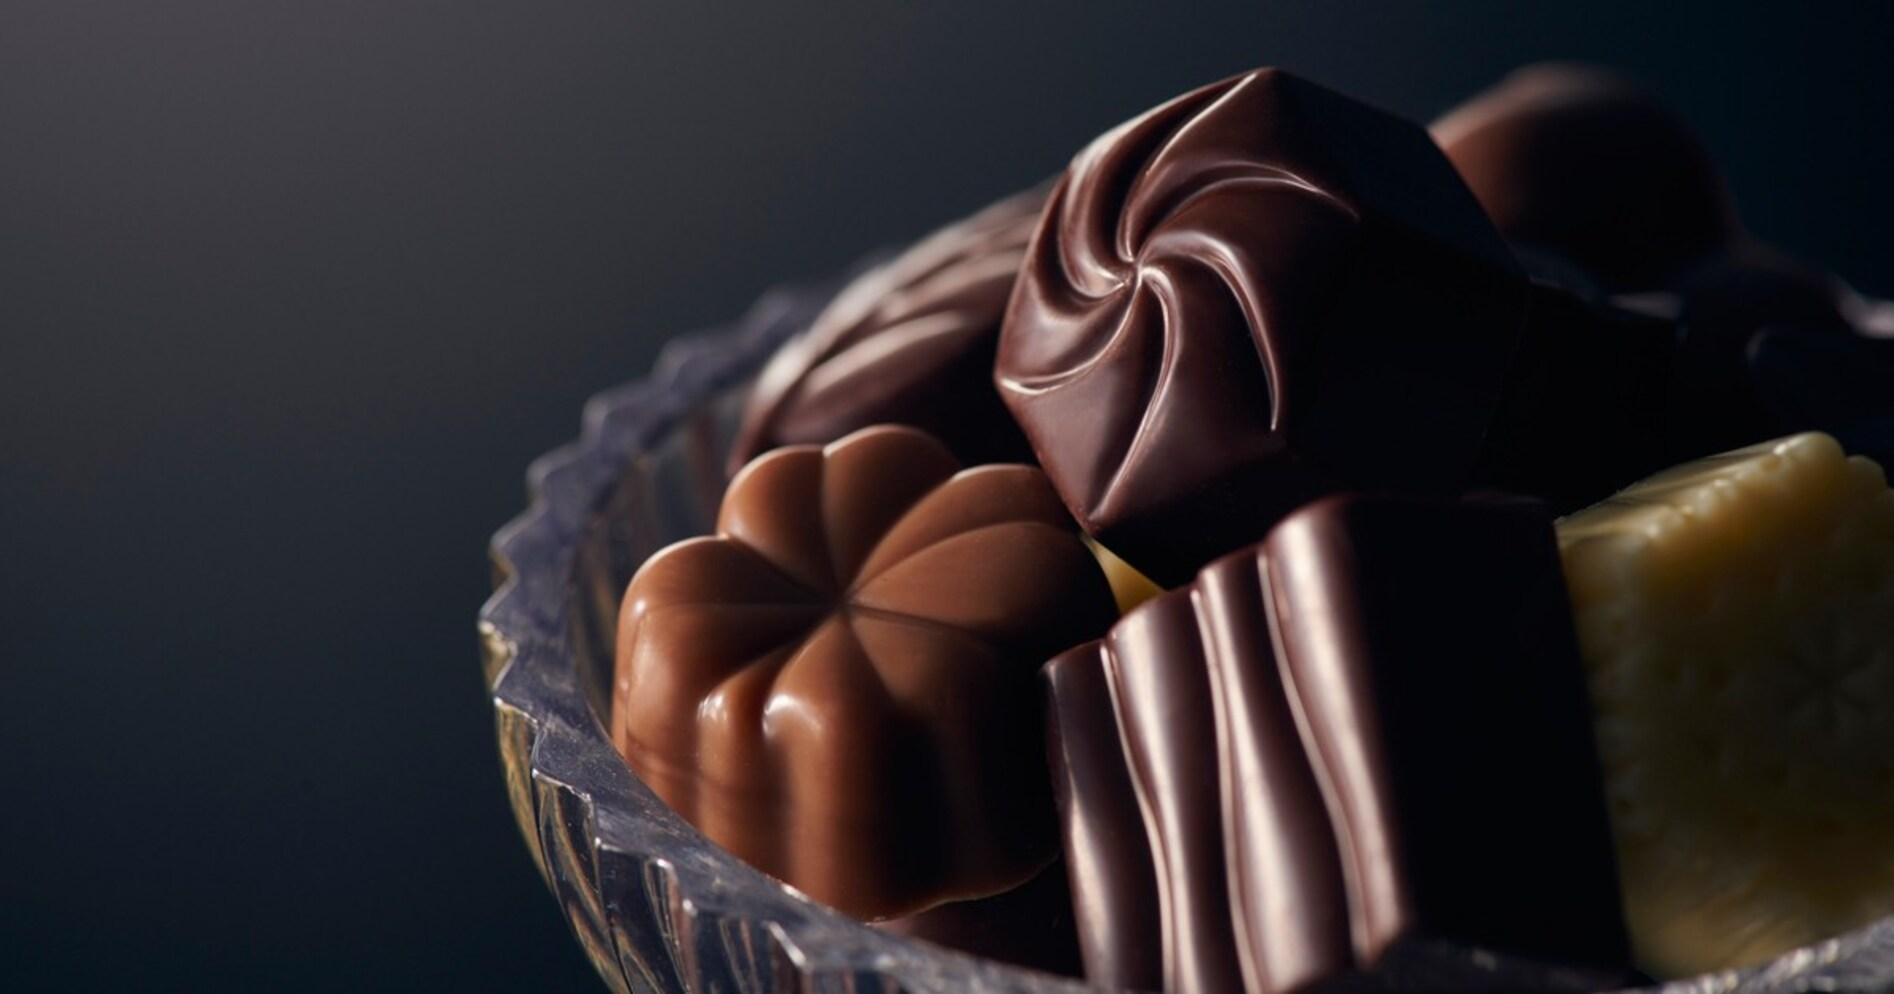 【今週のTOKYO FOOD SHOCK】あなたの義理チョコが減ったのは「バレンタインデーのSNS化」のせい?